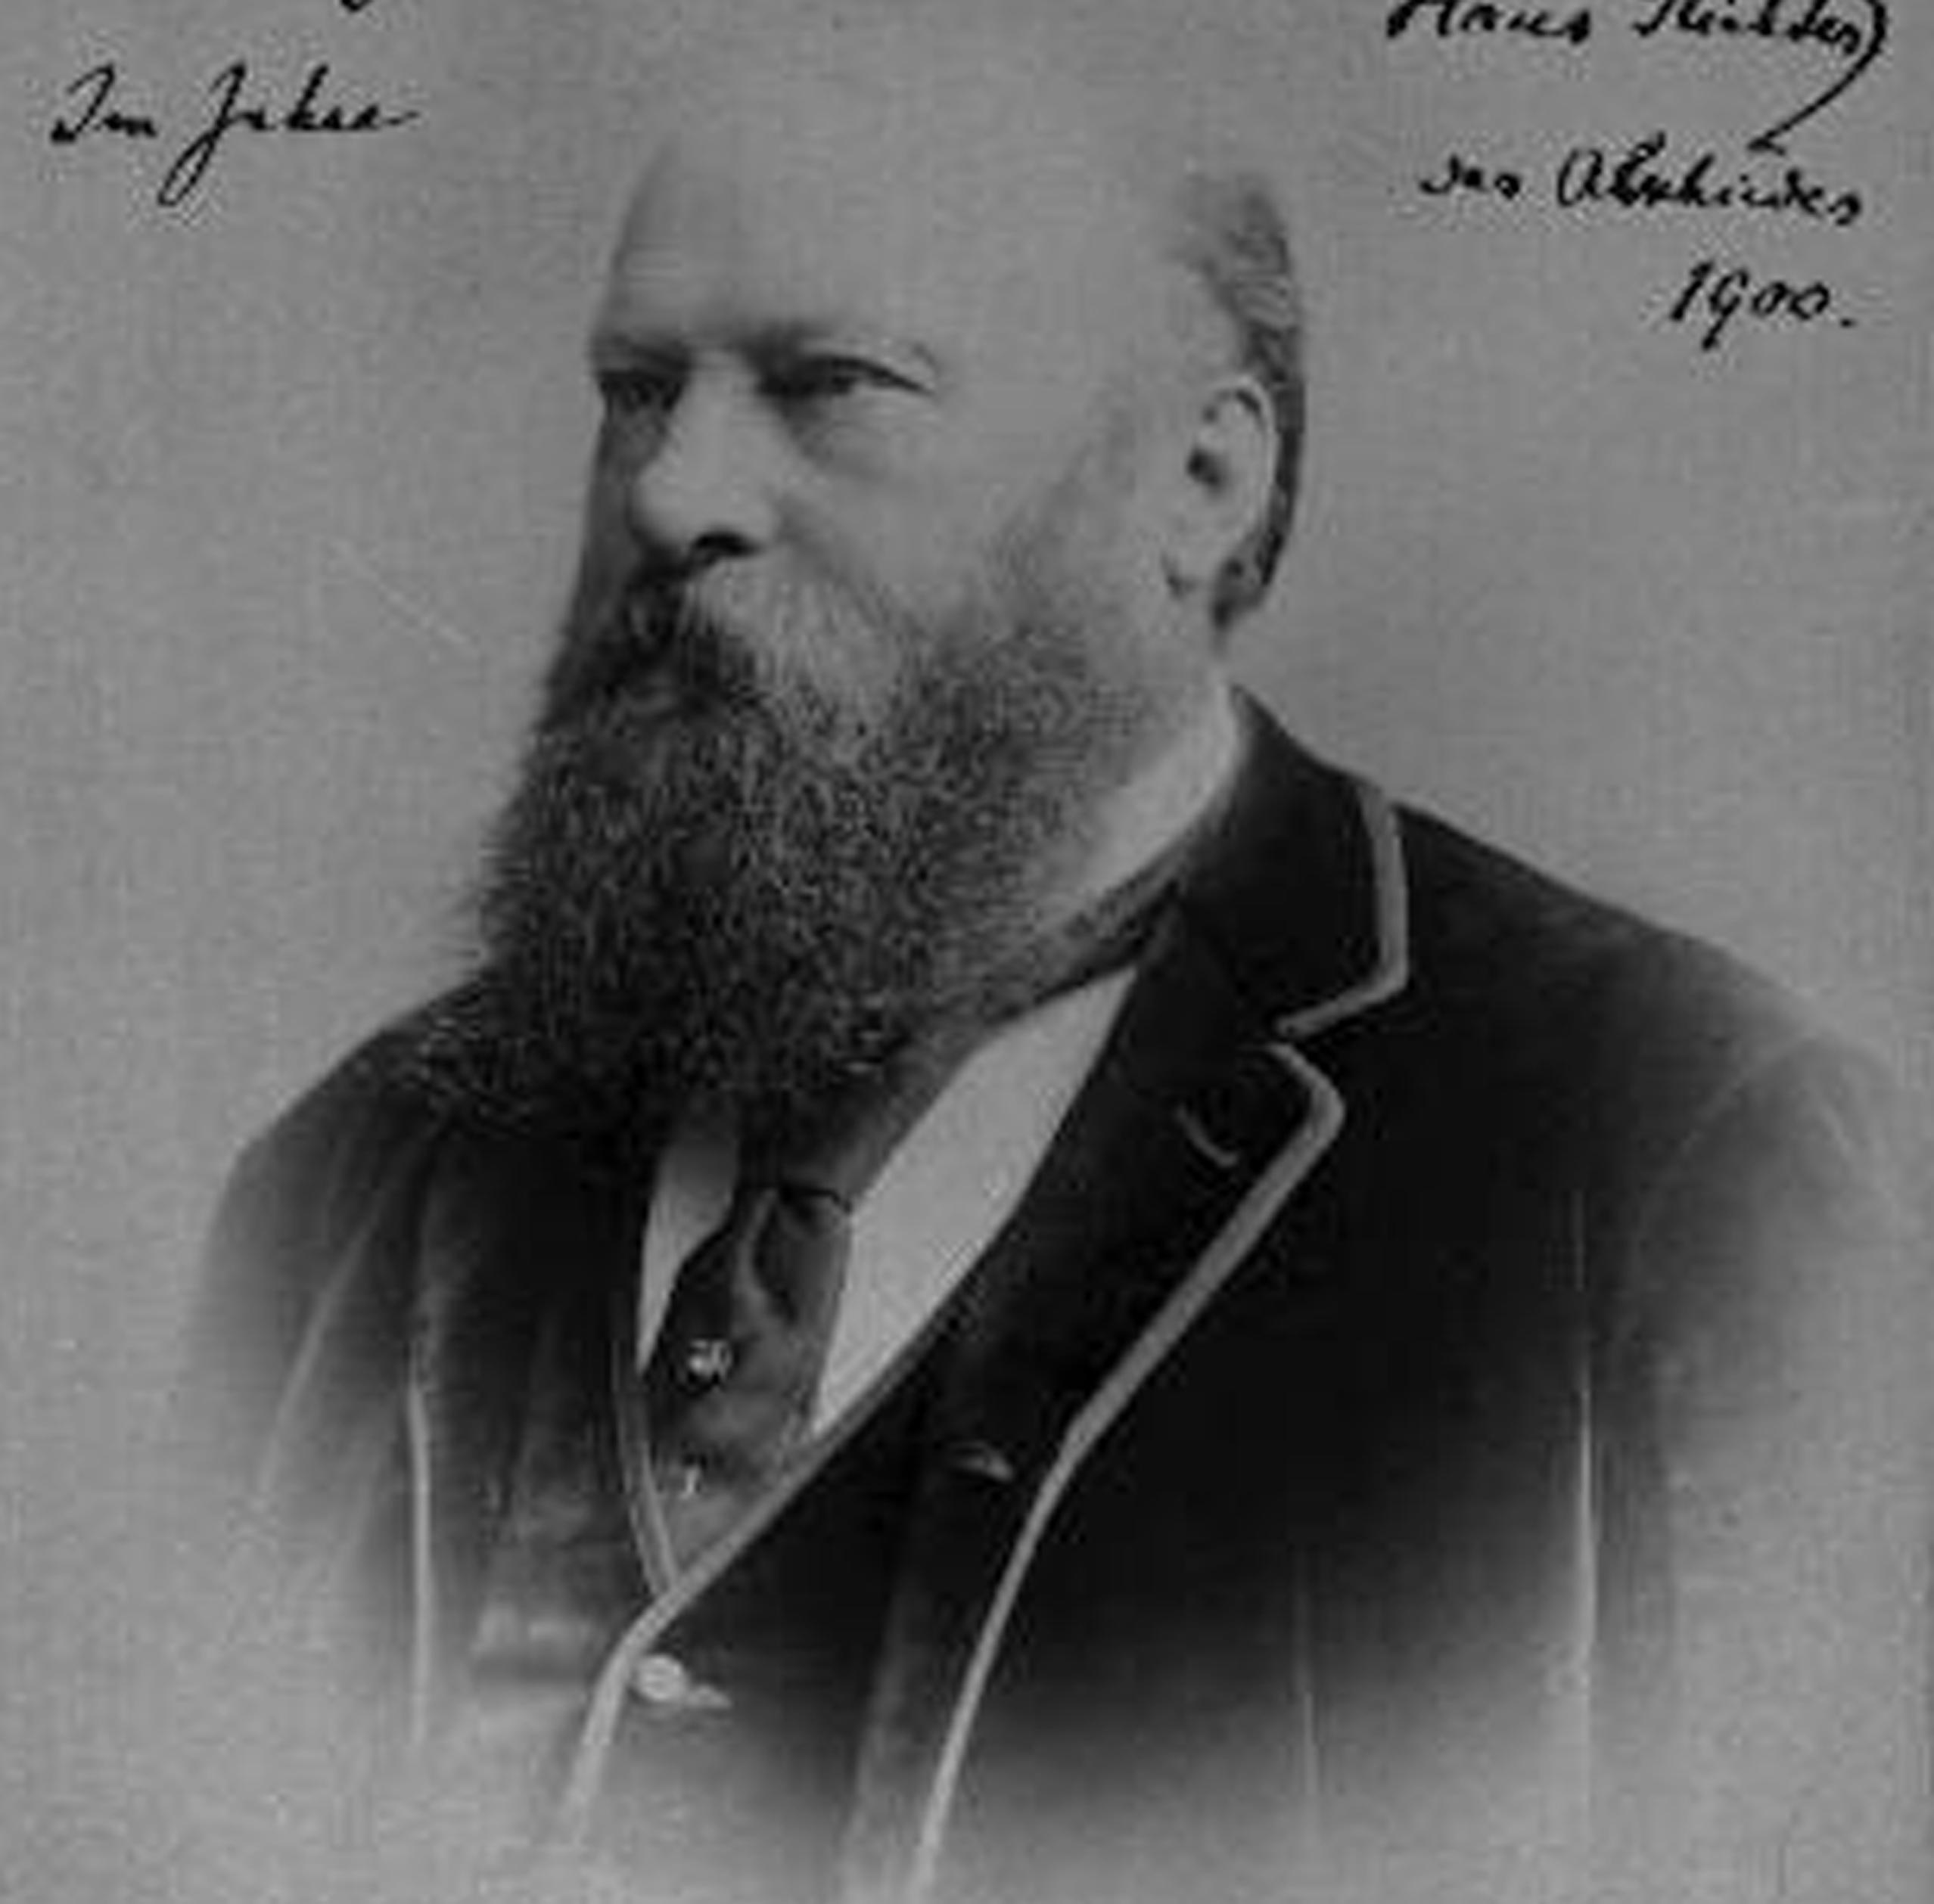 Hans Richter Dirigent